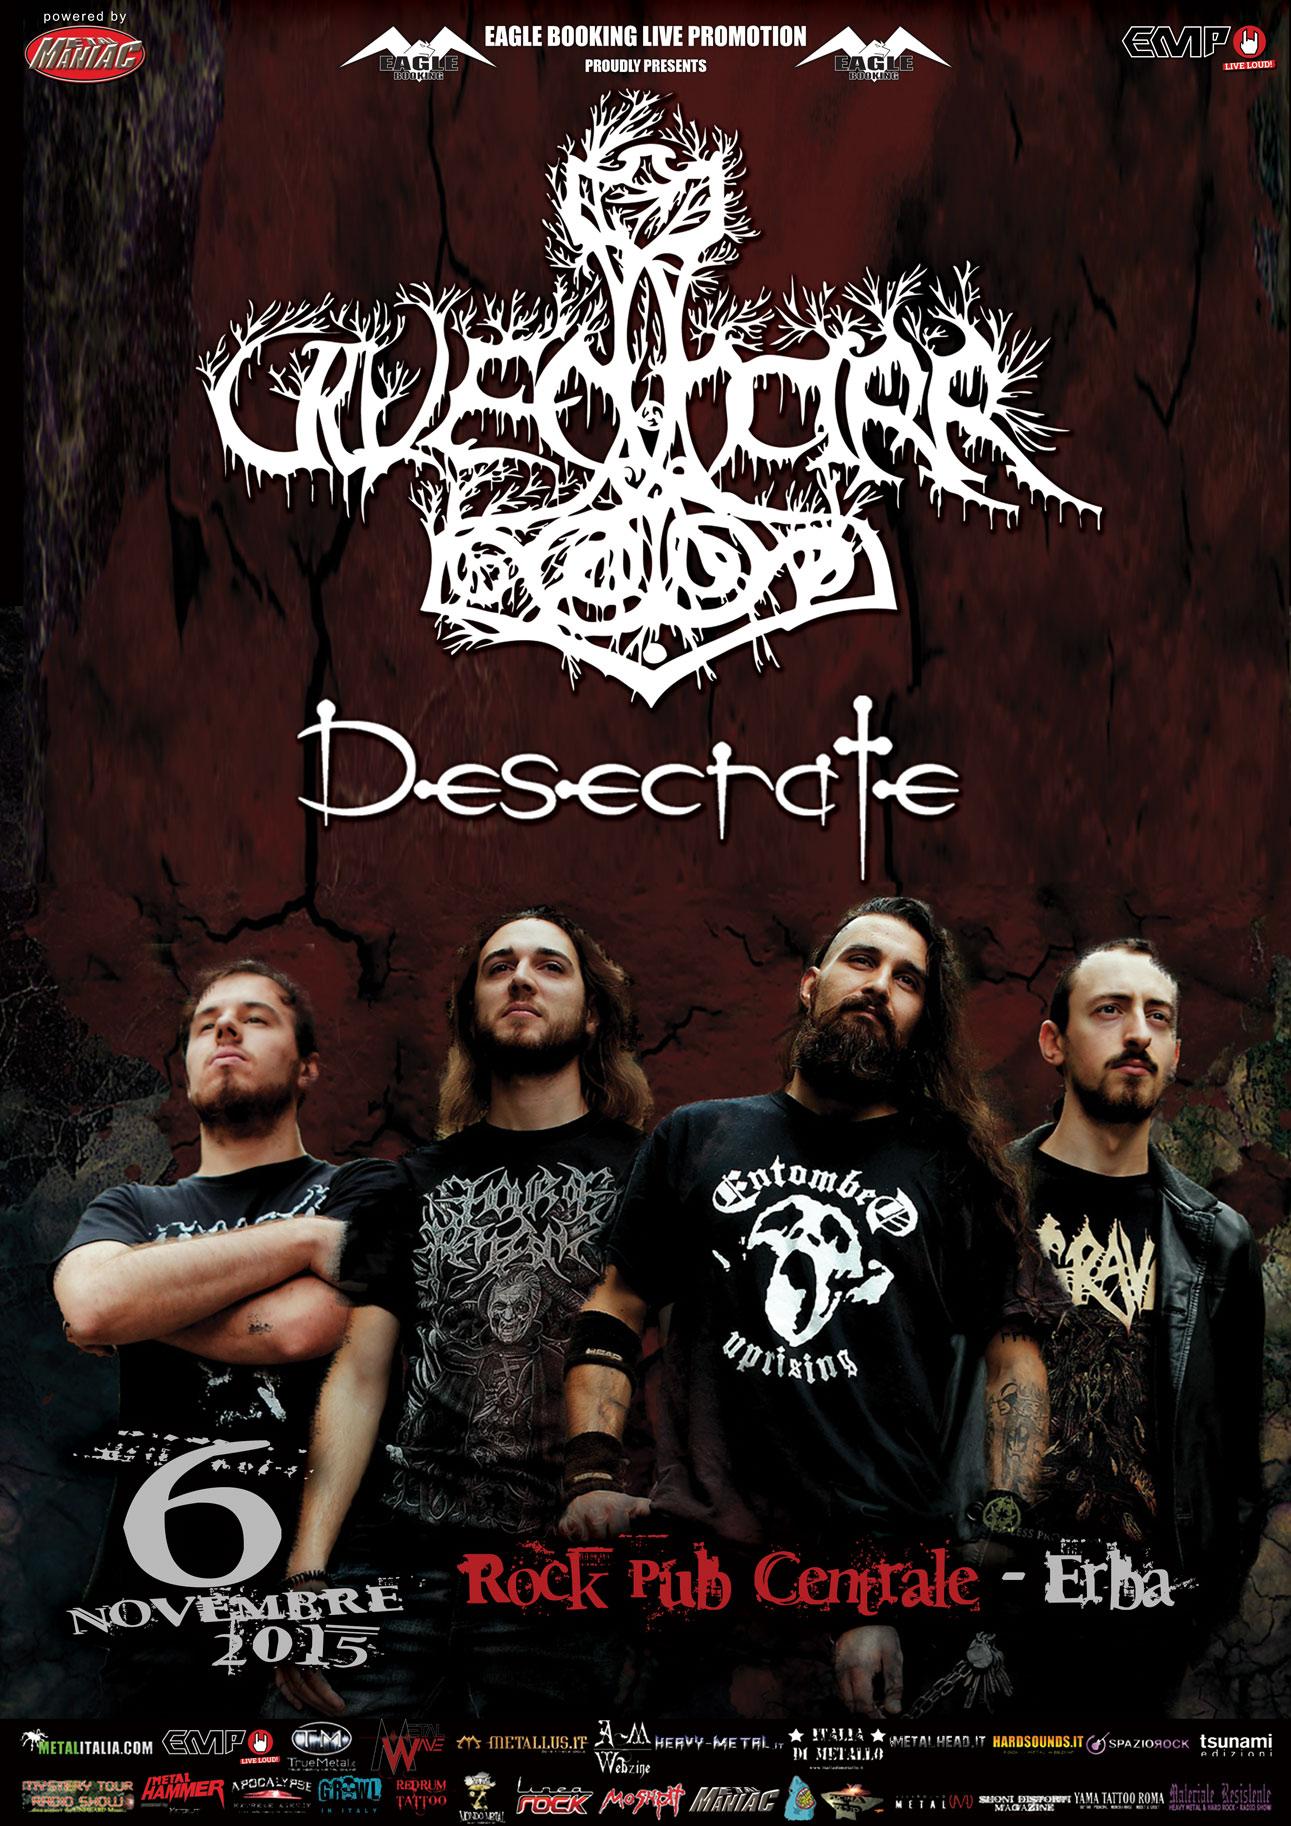 Ulvedharr + Desecrate Tour 2015